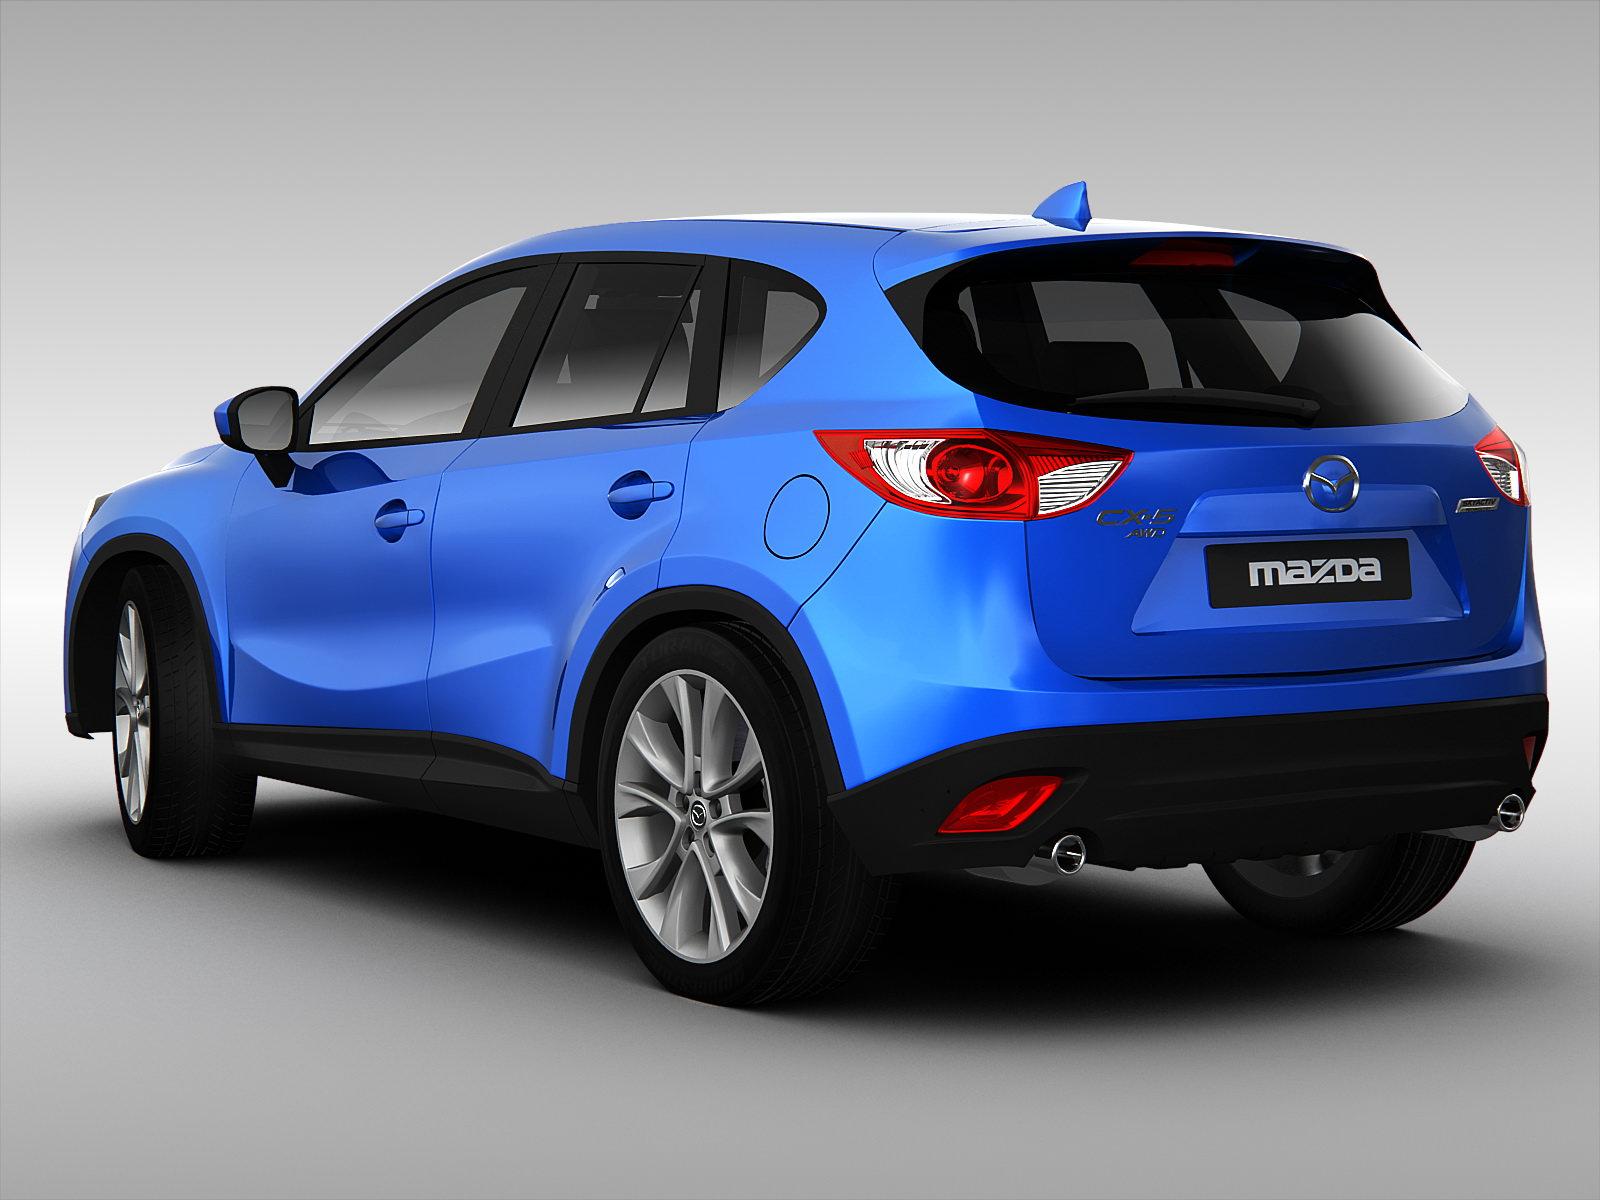 Mazda Cx5 2013 3d Models Cgtrader Com